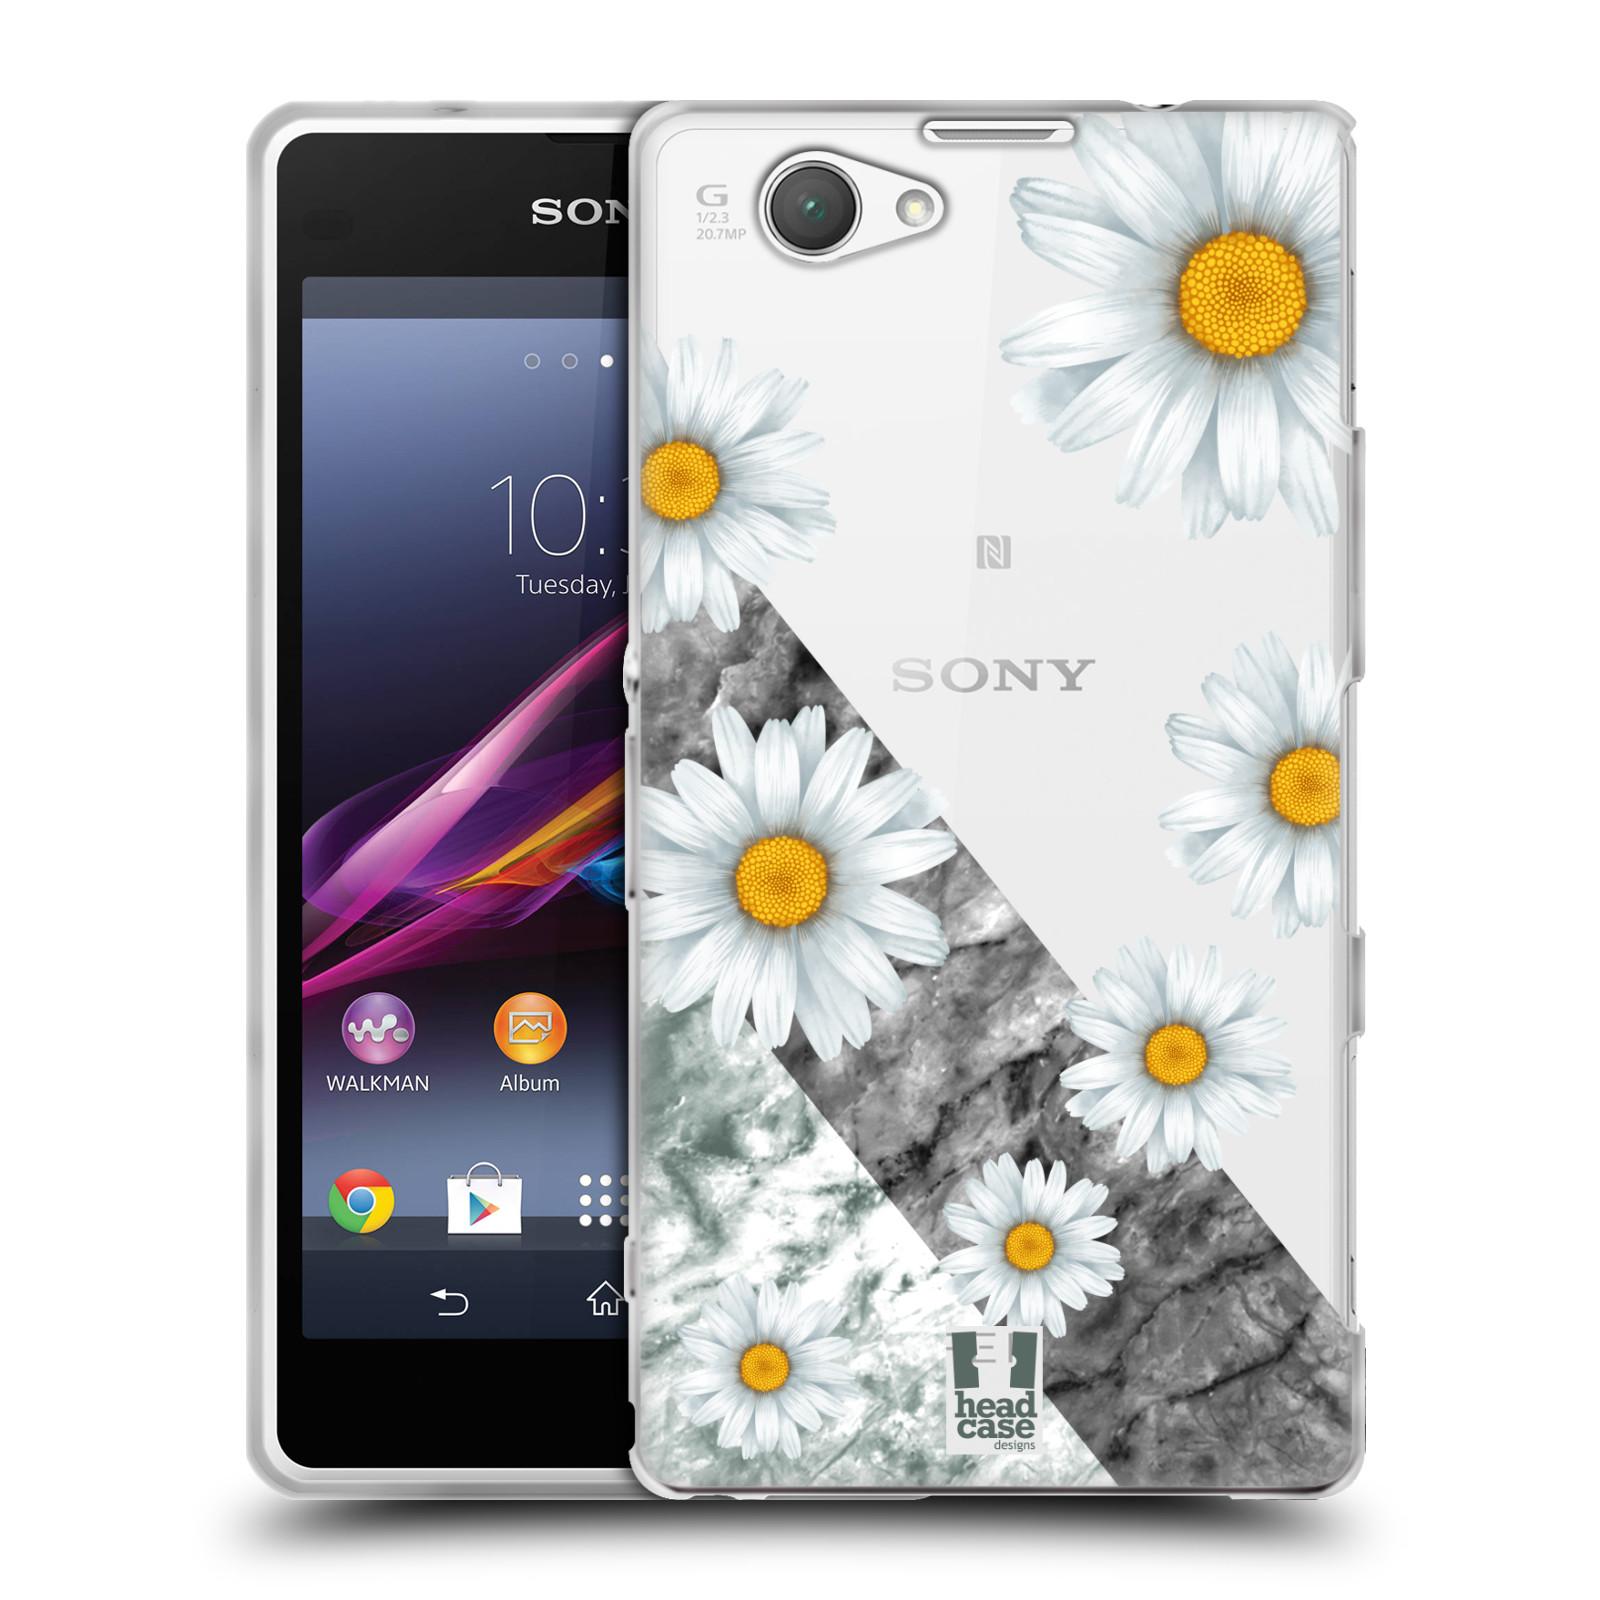 Silikonové pouzdro na mobil Sony Xperia Z1 Compact D5503 - Head Case - Kopretiny a mramor